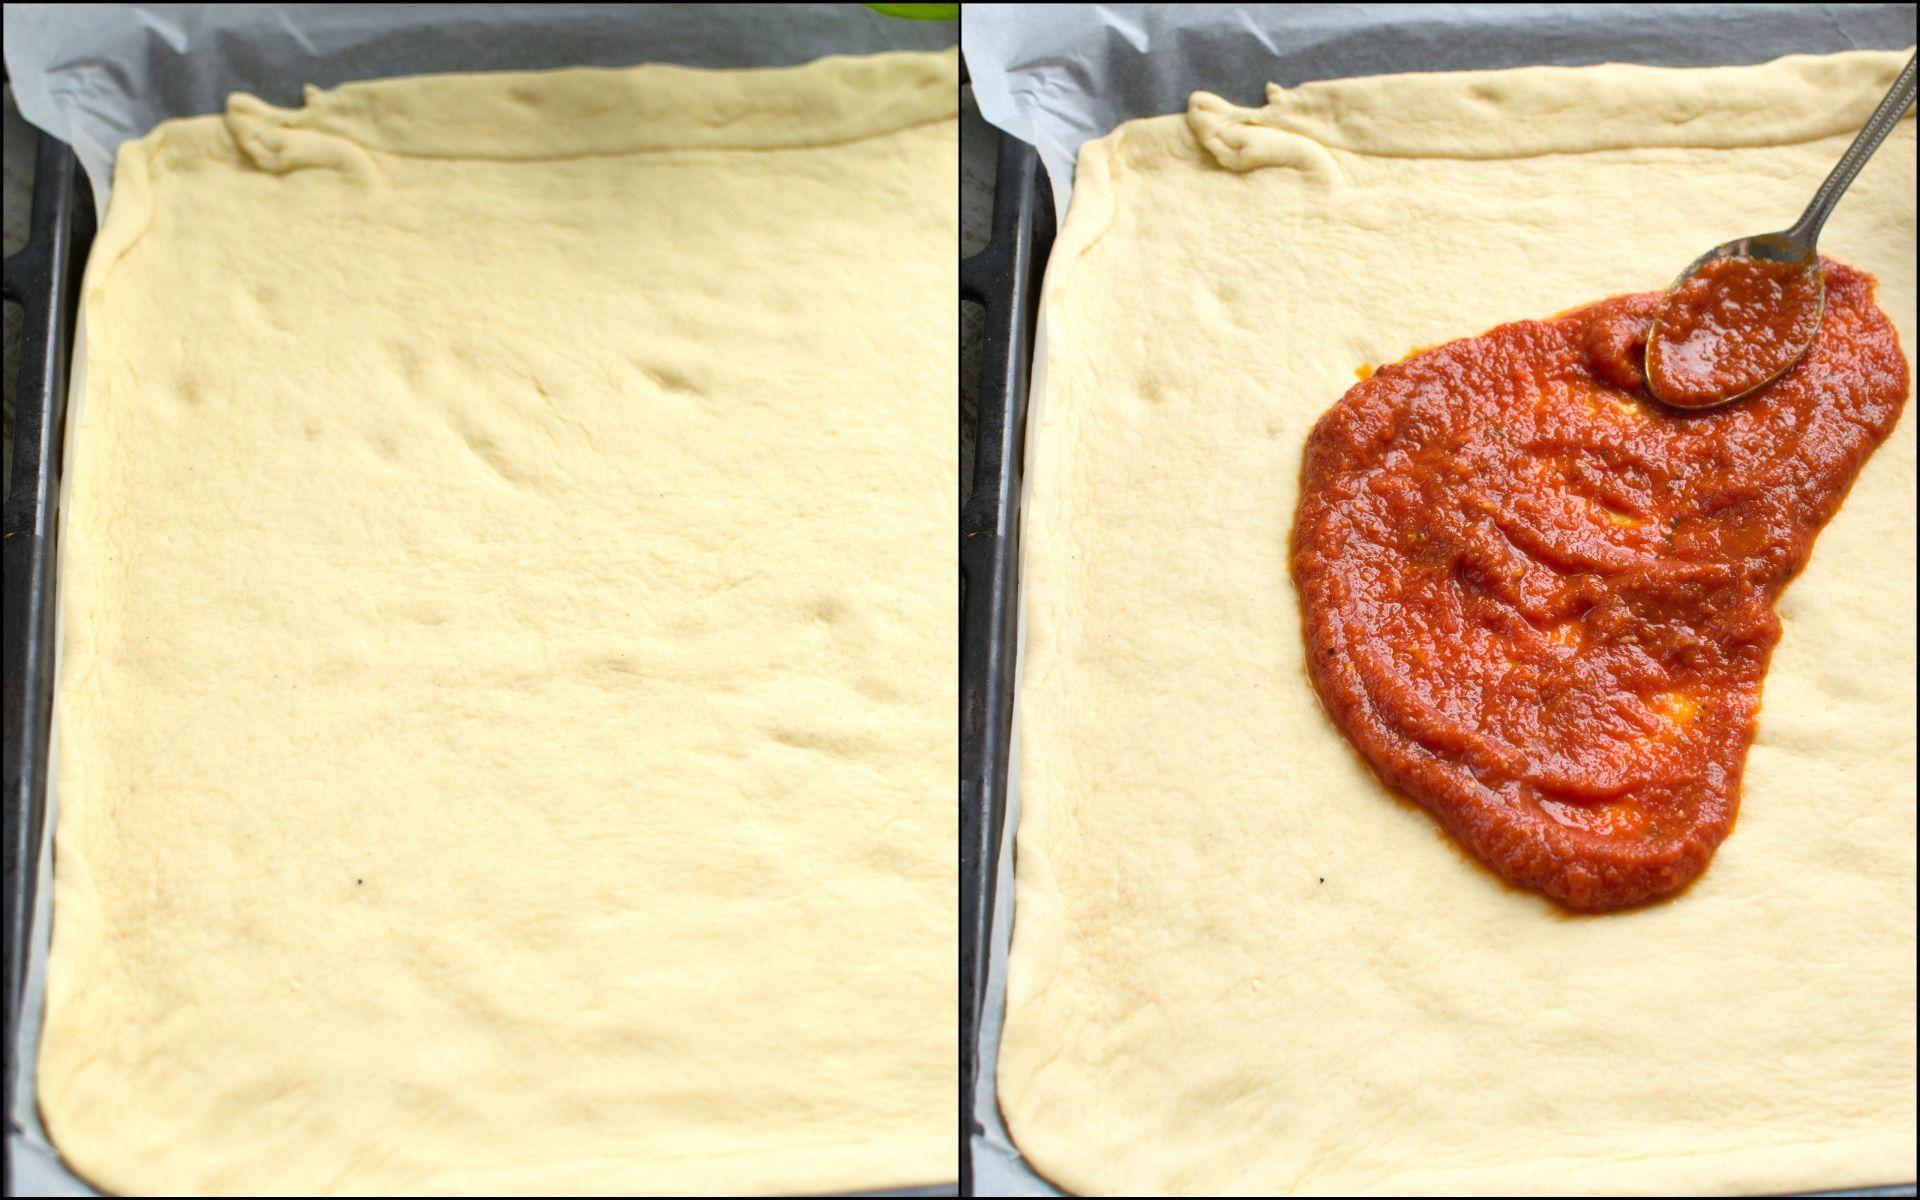 Ciasto wykładamy na blaszkę z piekarnika wyścieloną papierem do pieczenia i smarujemy je sosem pomidorowym.